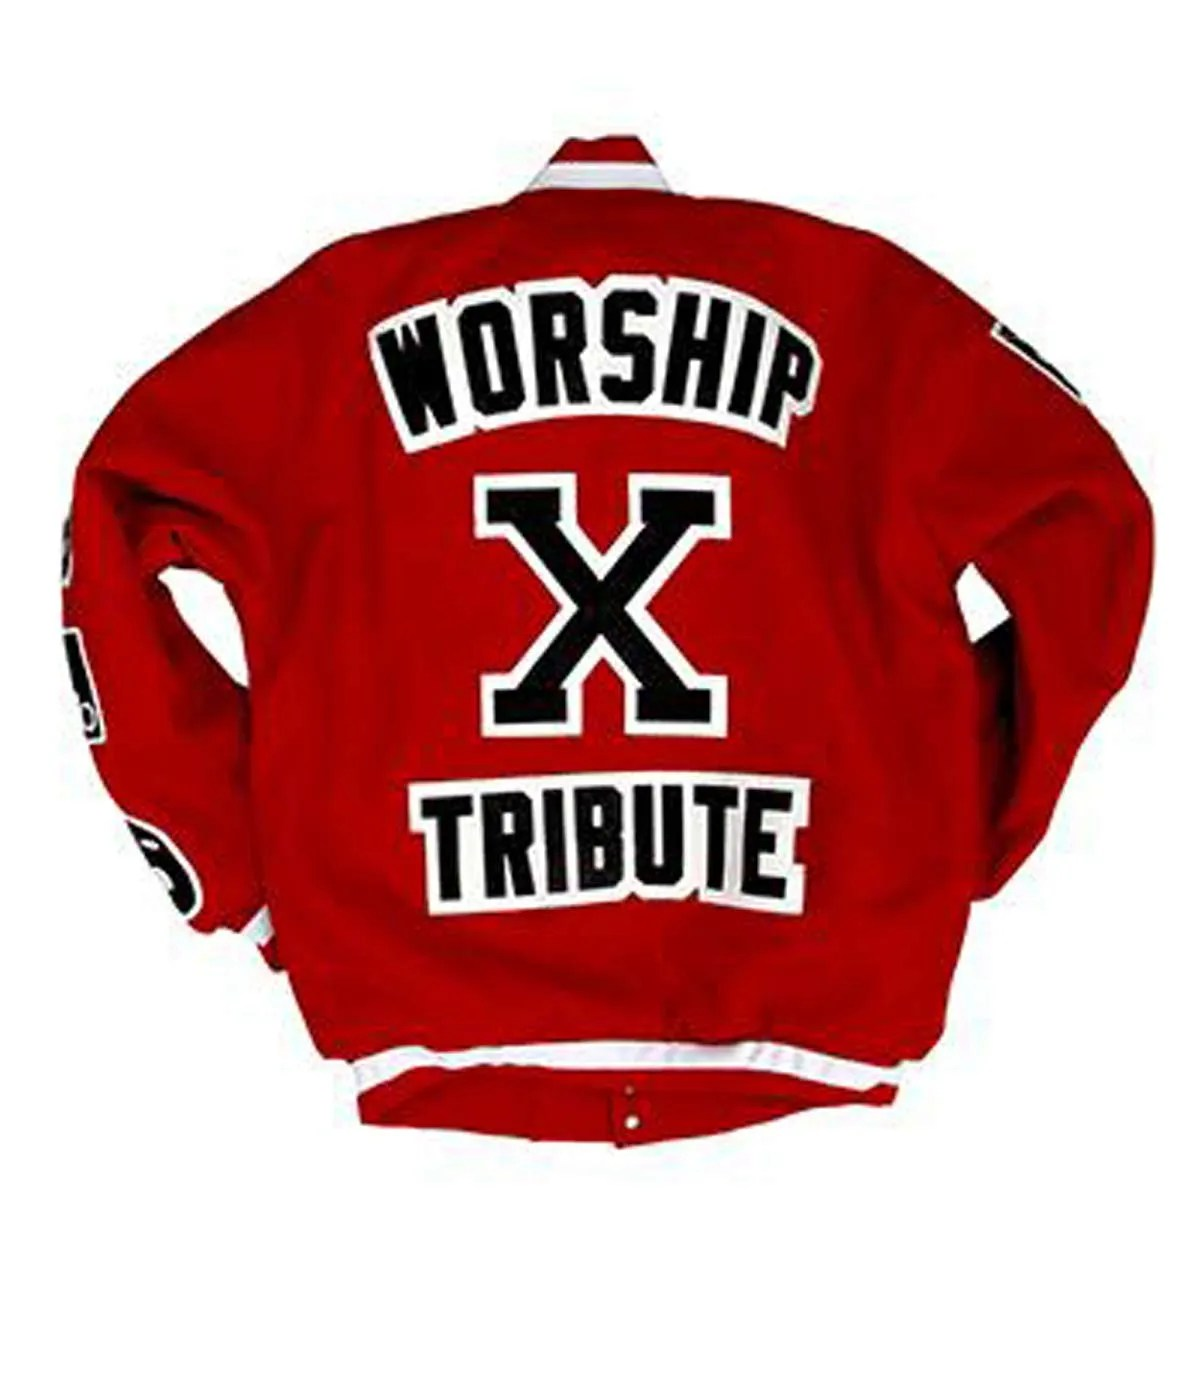 glassjaw-red-varsity-jacket